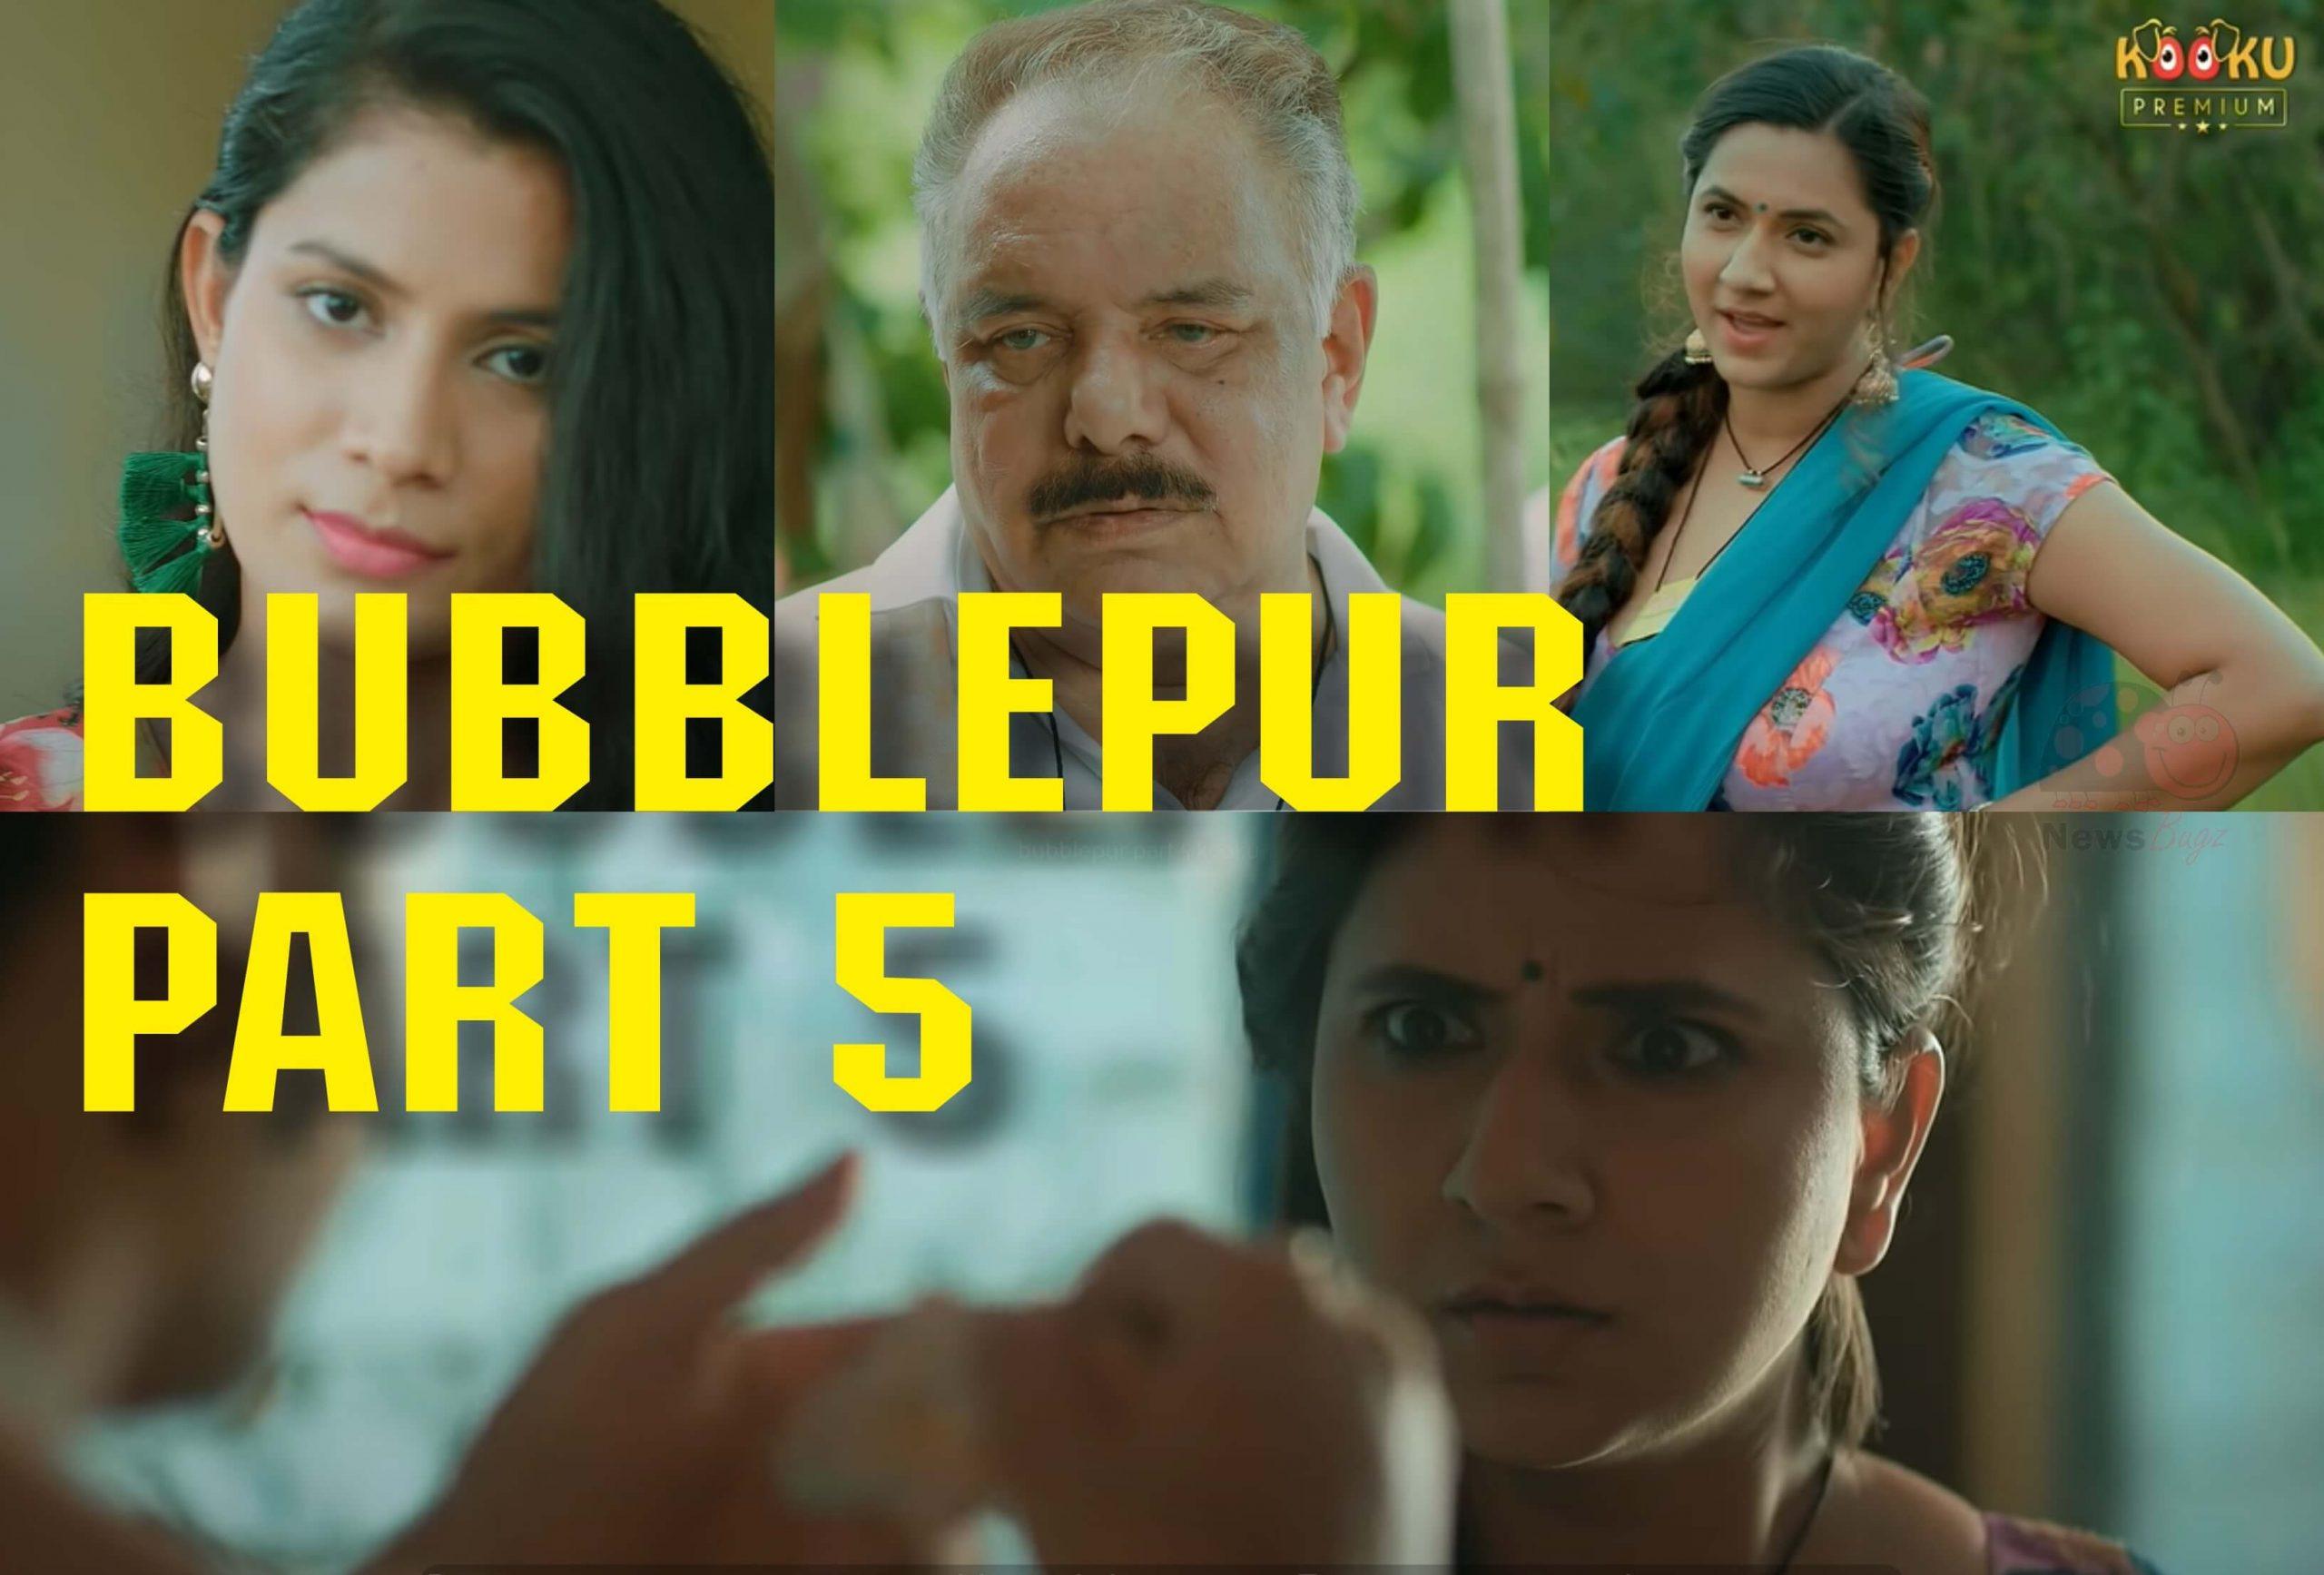 Bubblepur Part 5 Kooku